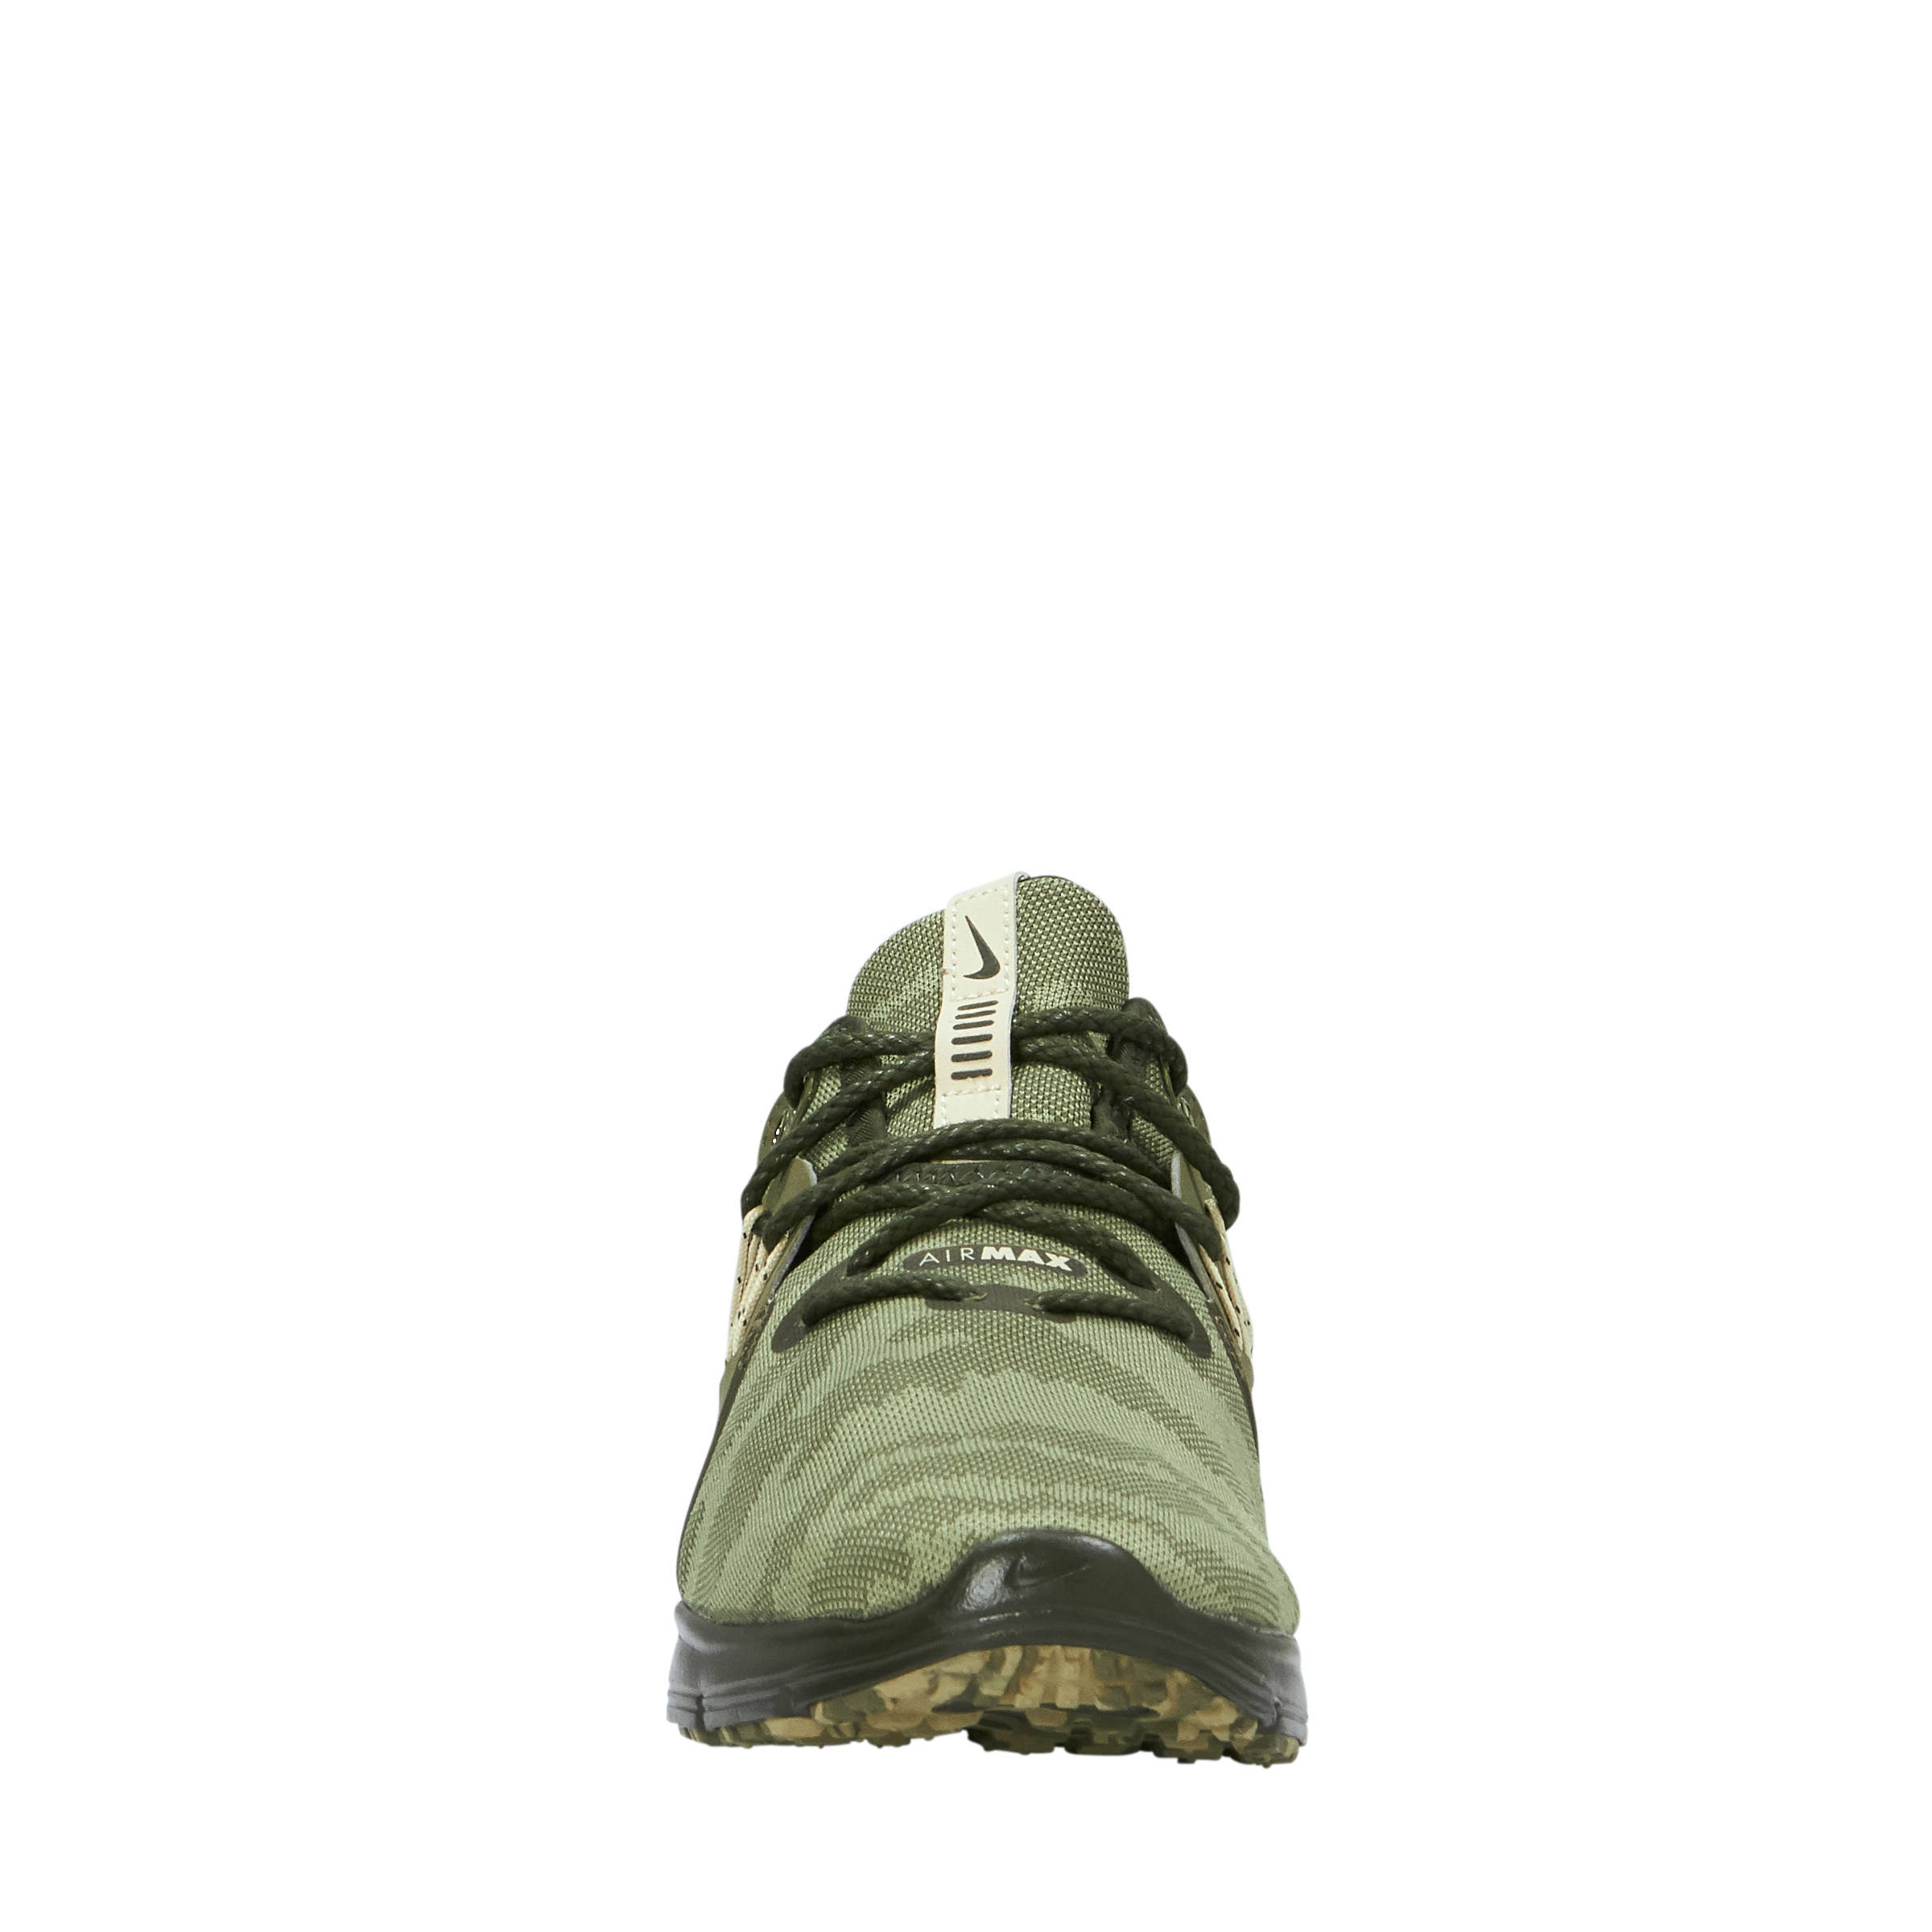 Air Max Sequent 3 Premium hardloopschoenen olijfgroen